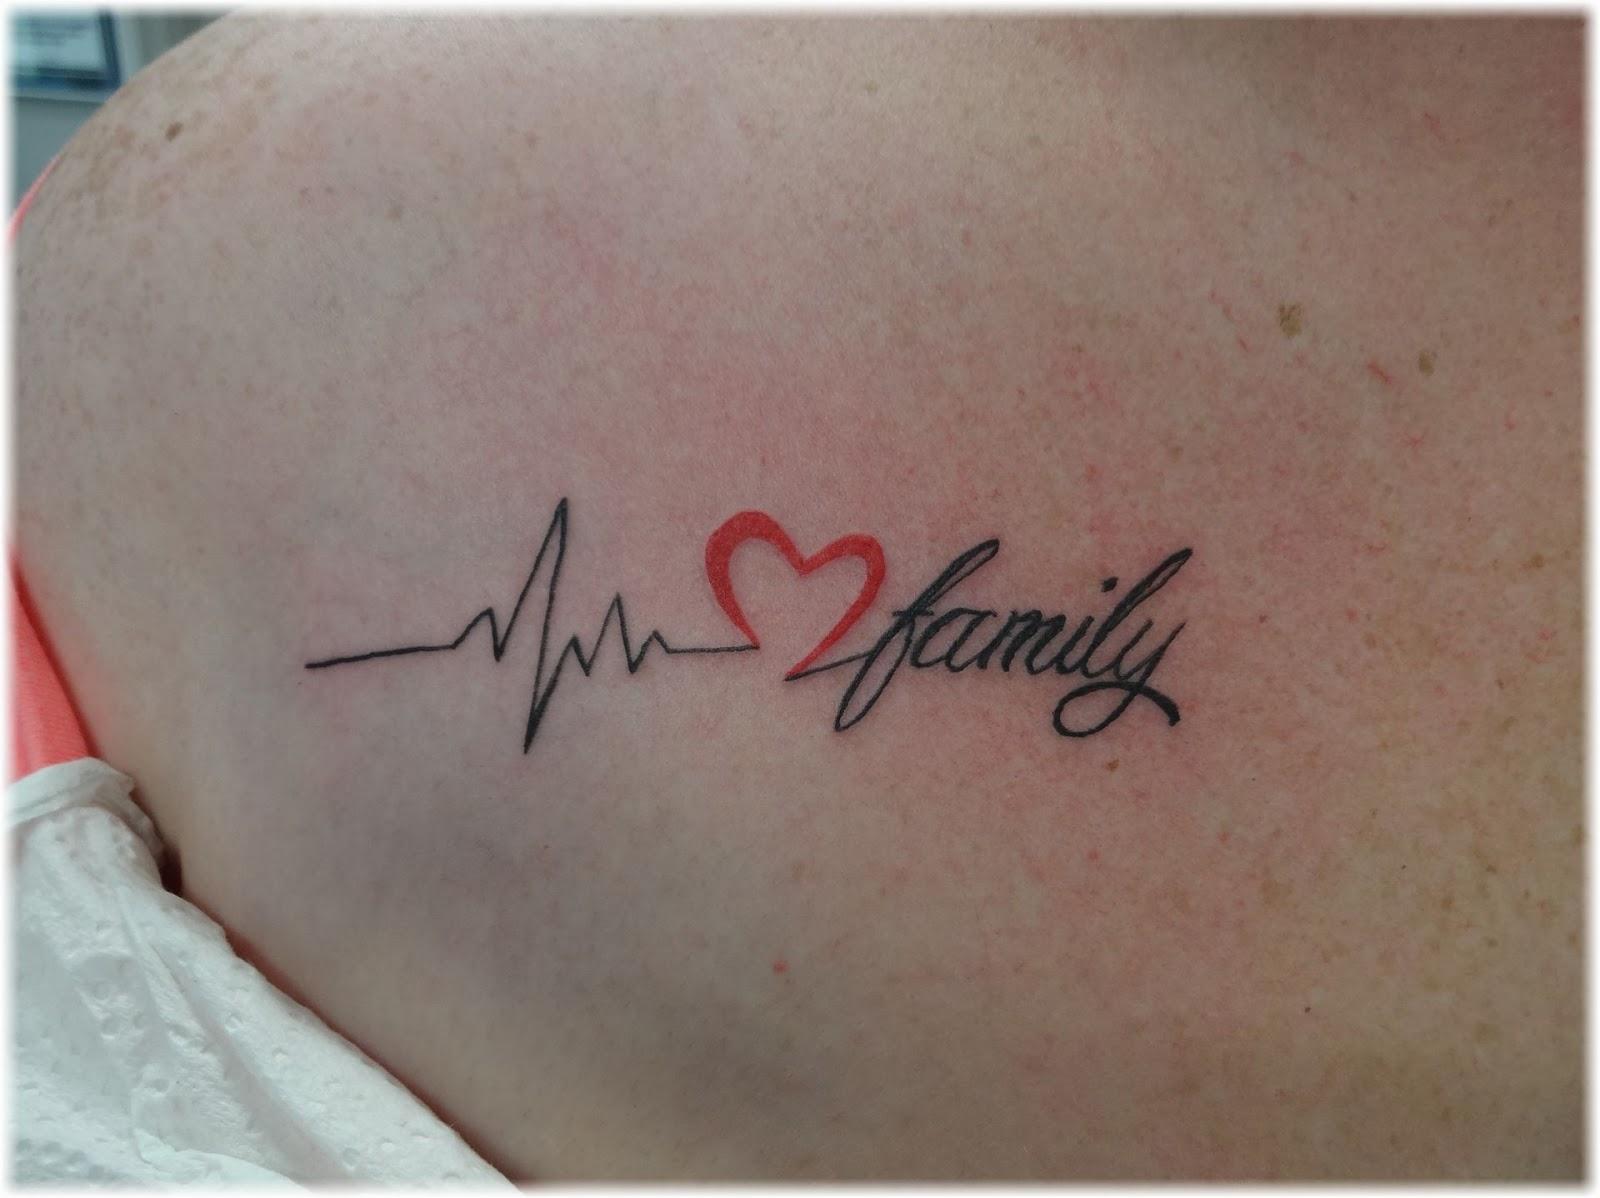 Mytattooland.com: Heart rate tattoo ideas